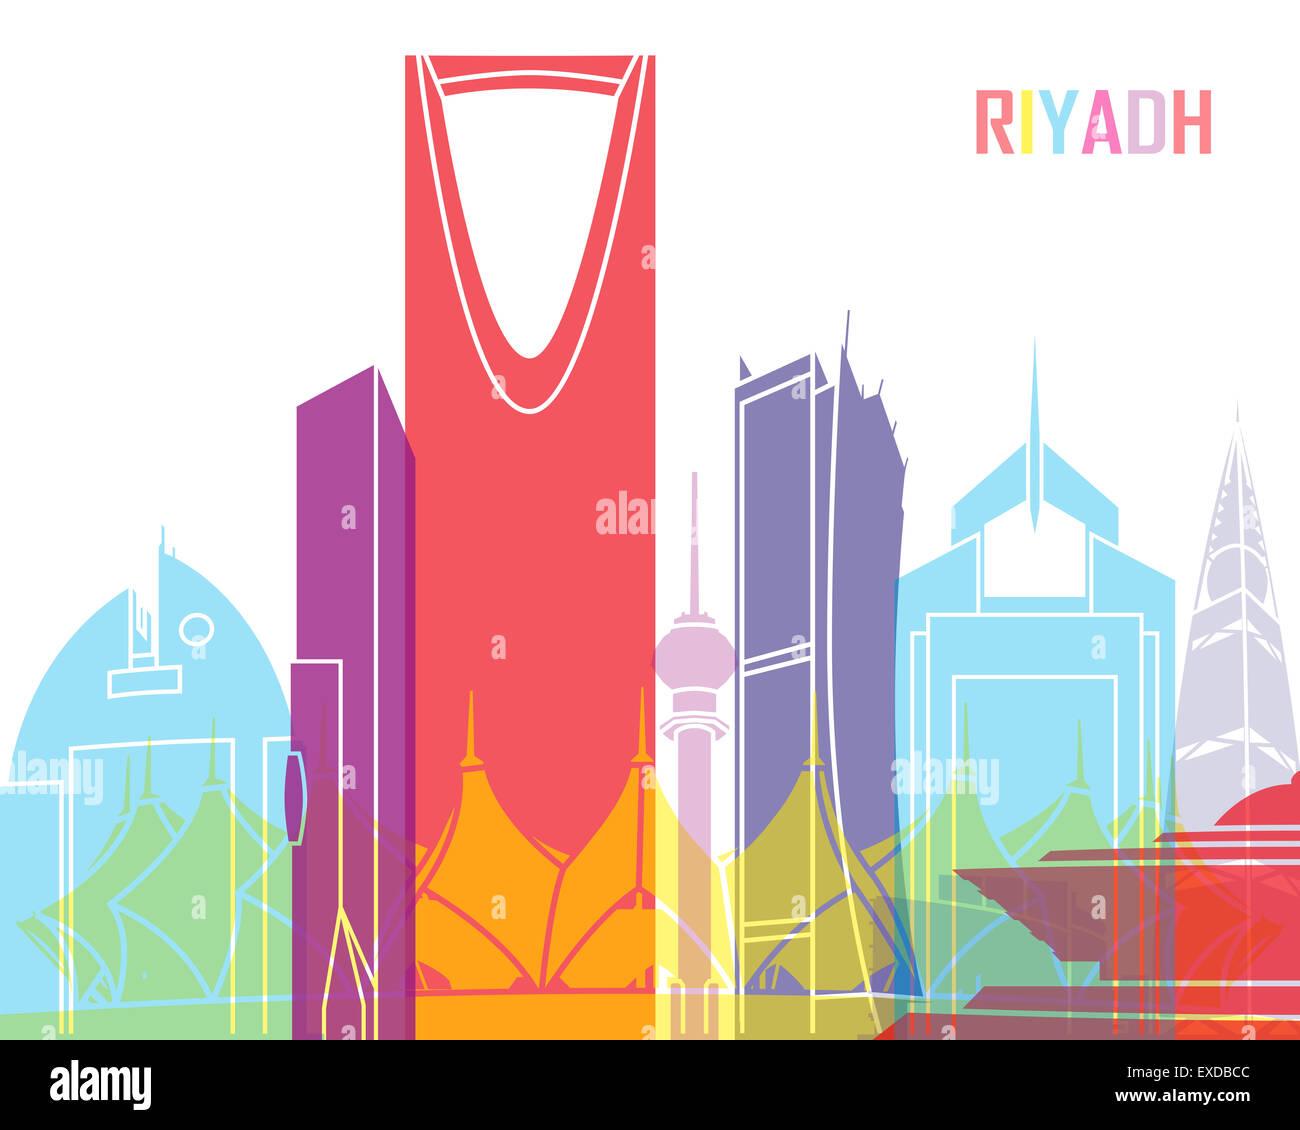 Riyadh skyline pop in editable vector file - Stock Image